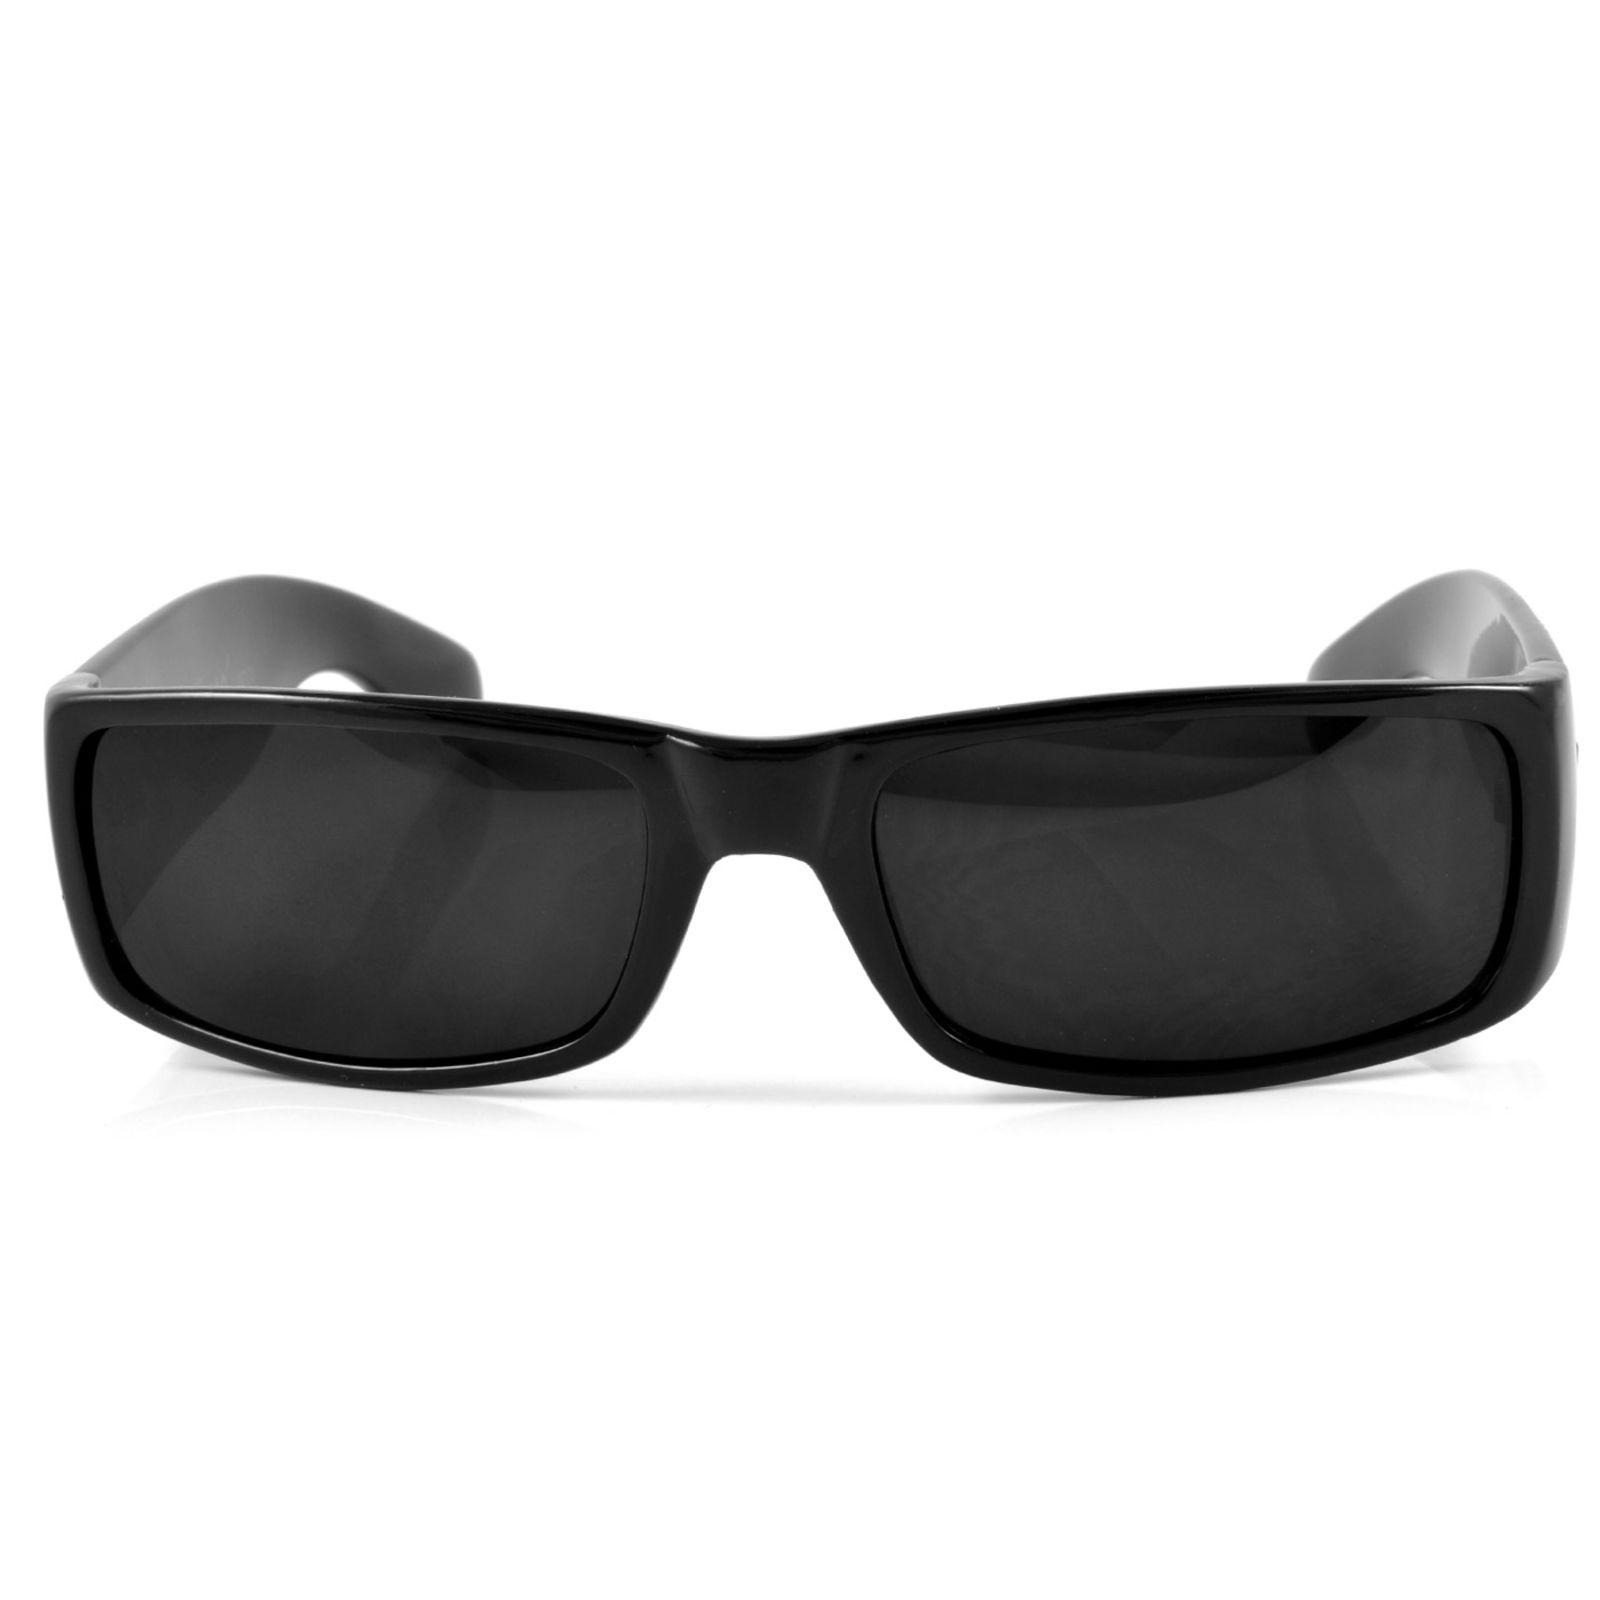 Óculos de Sol Pretos Clássicos   Locs   Em stock! 9c7a4abcd8